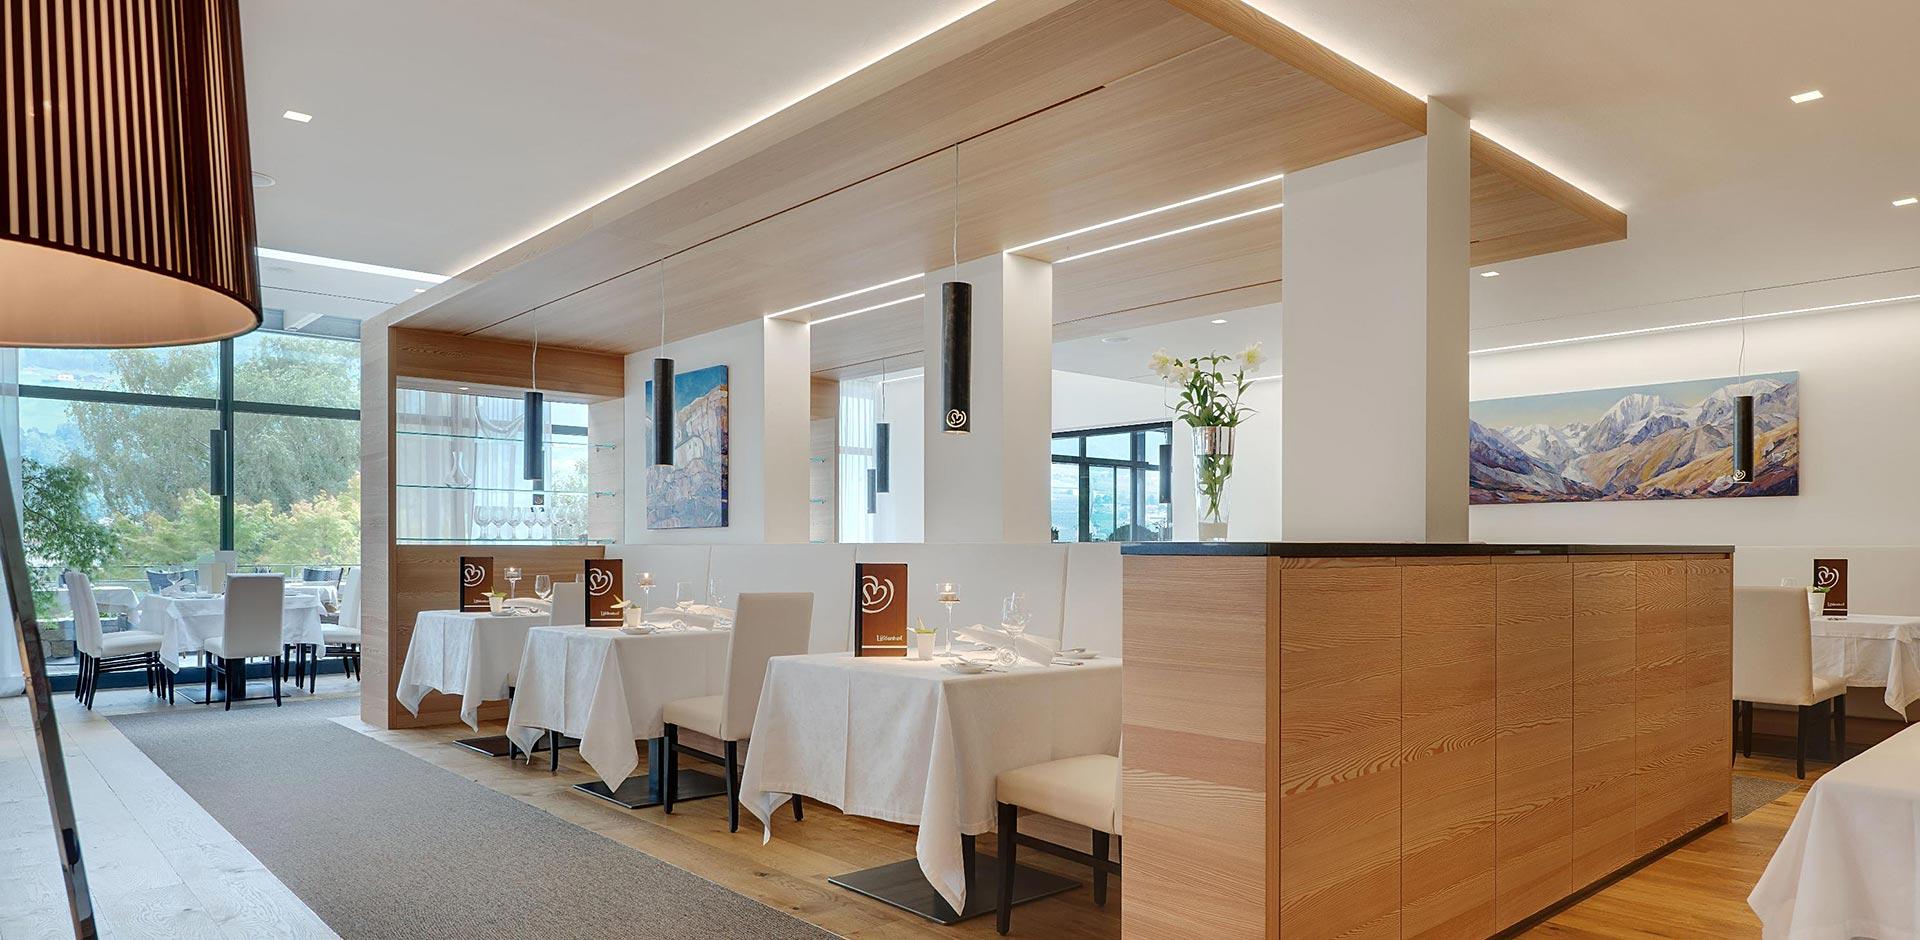 Designhotel s dtirol die besten 4 sterne und 5 sterne for Lifestyle hotel sudtirol